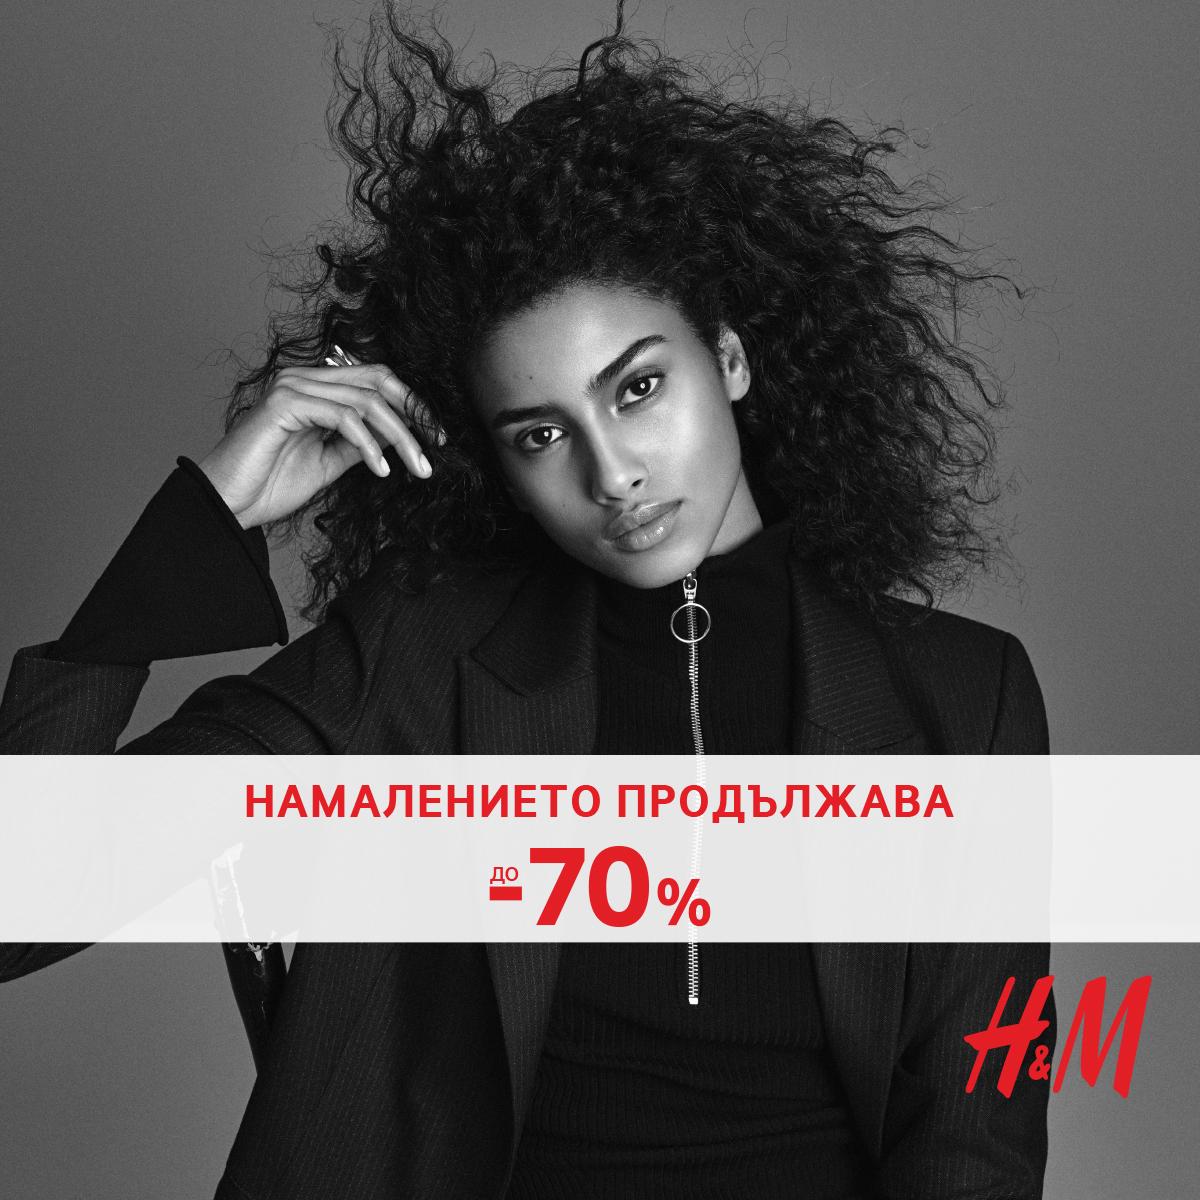 ШОПИНГ ТРЕСКА в H&M! СЕГА С ОЩЕ ПО-ГОЛЕМИ ОТСТЪПКИ!